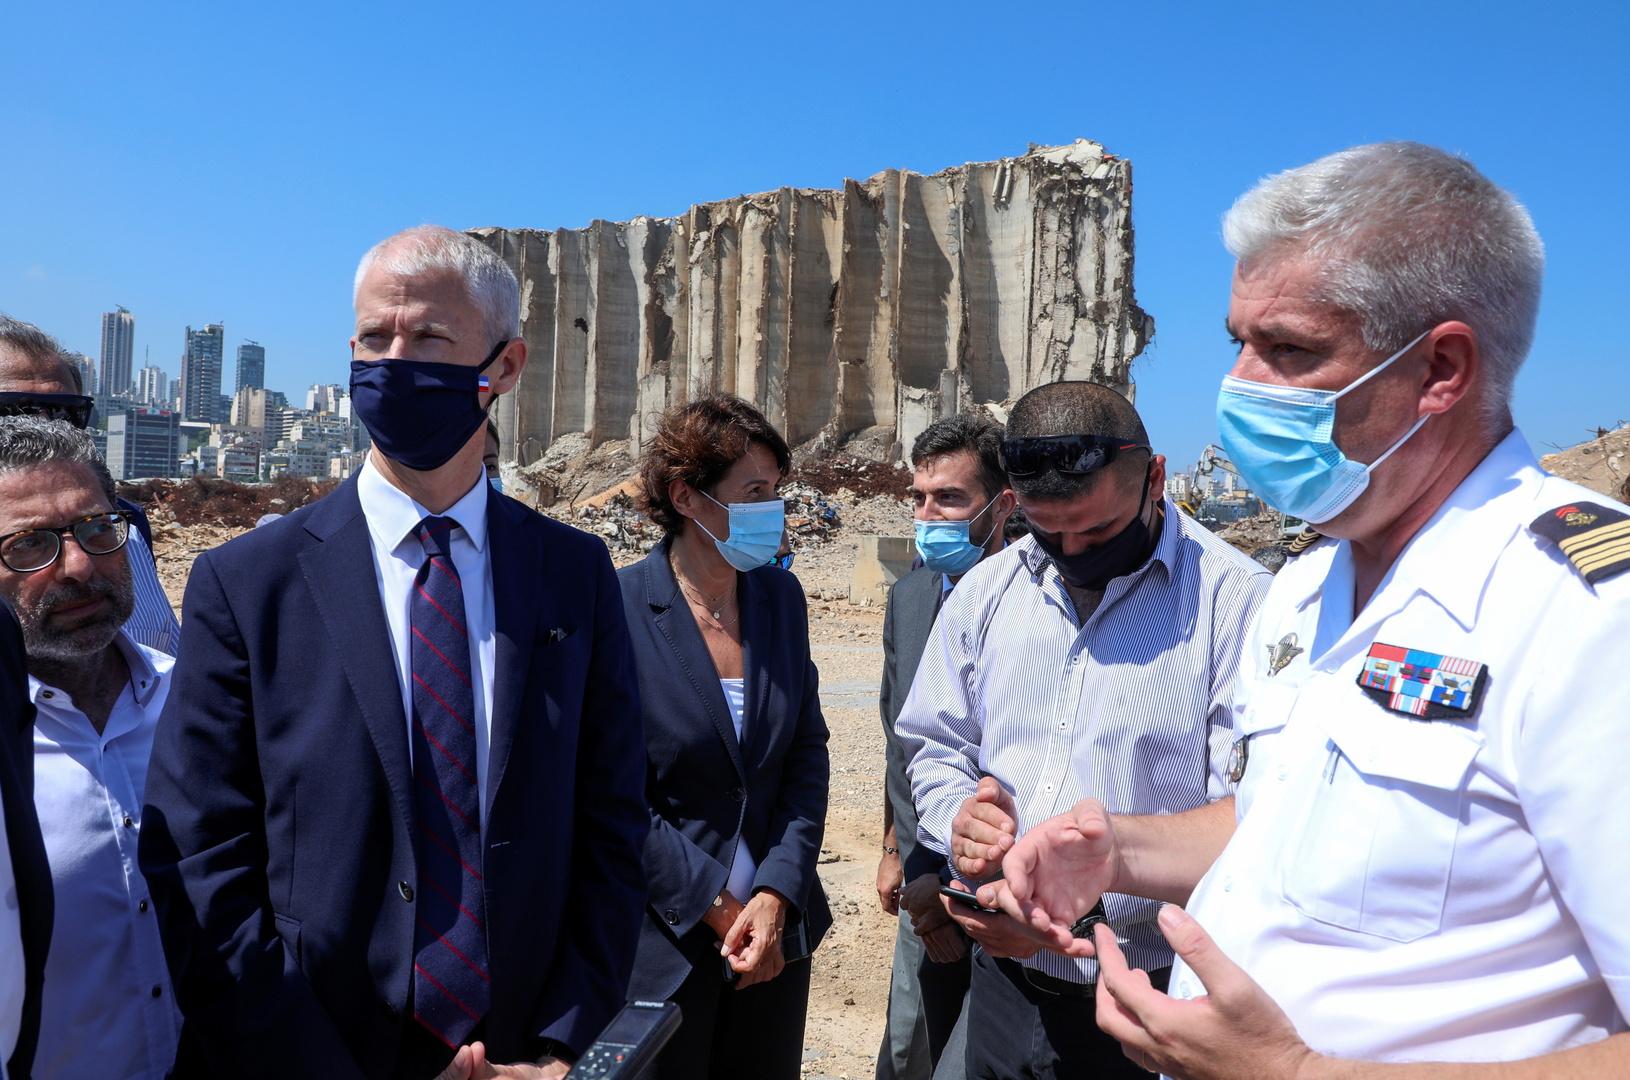 وزير فرنسي يحذر المسؤولين اللبنانيين من